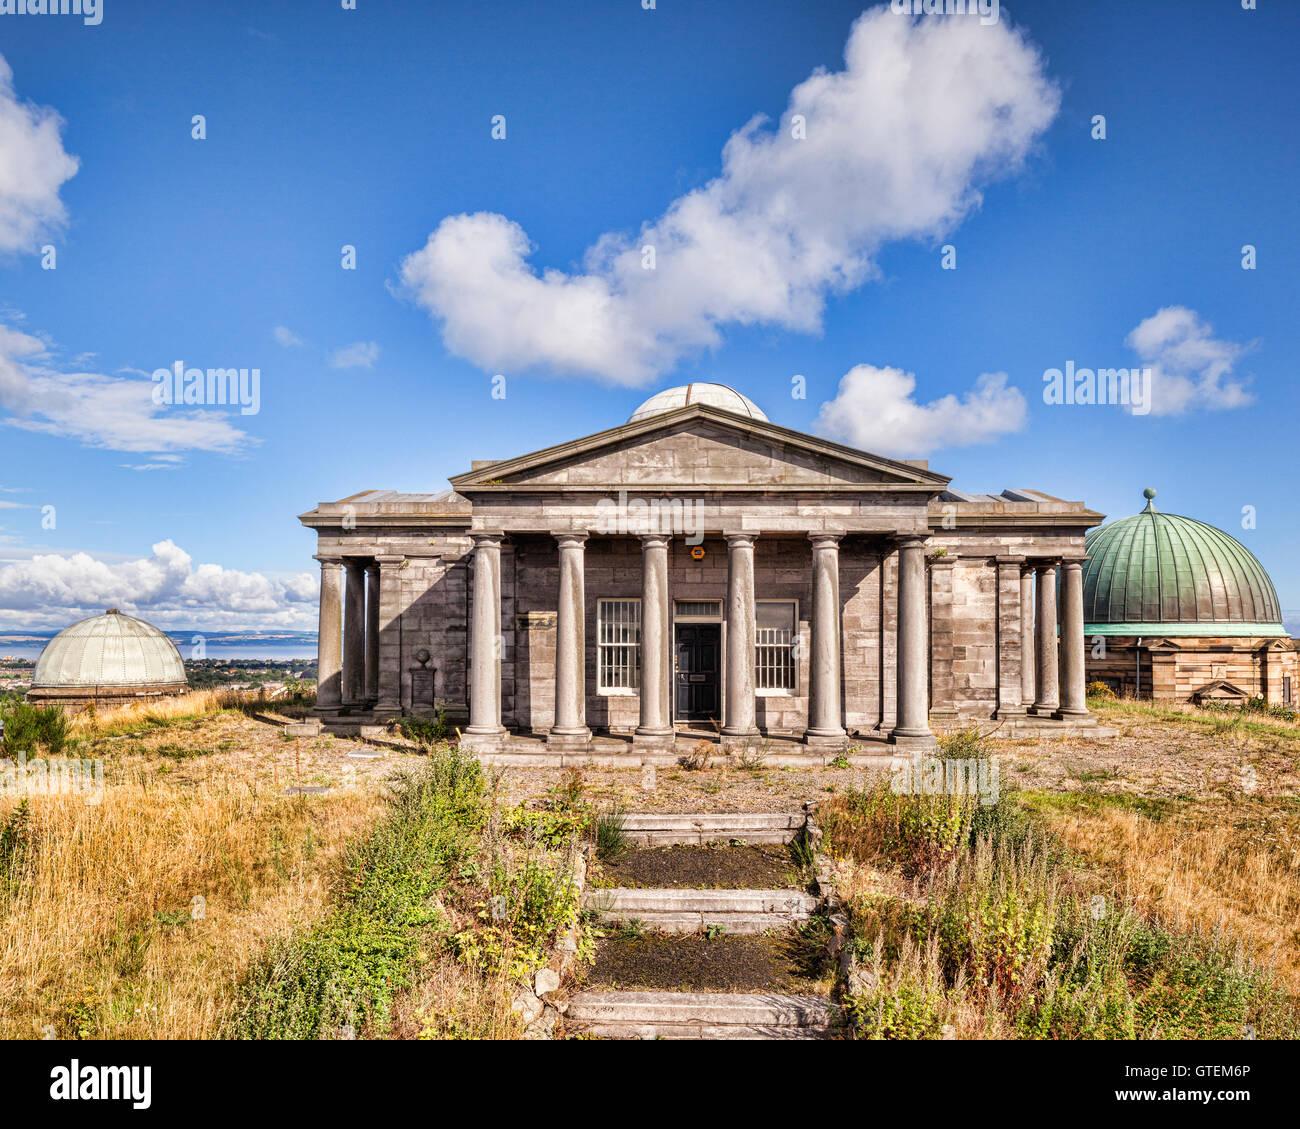 Il vecchio osservatorio, Calton Hill, Edimburgo, Scozia, Regno Unito Immagini Stock